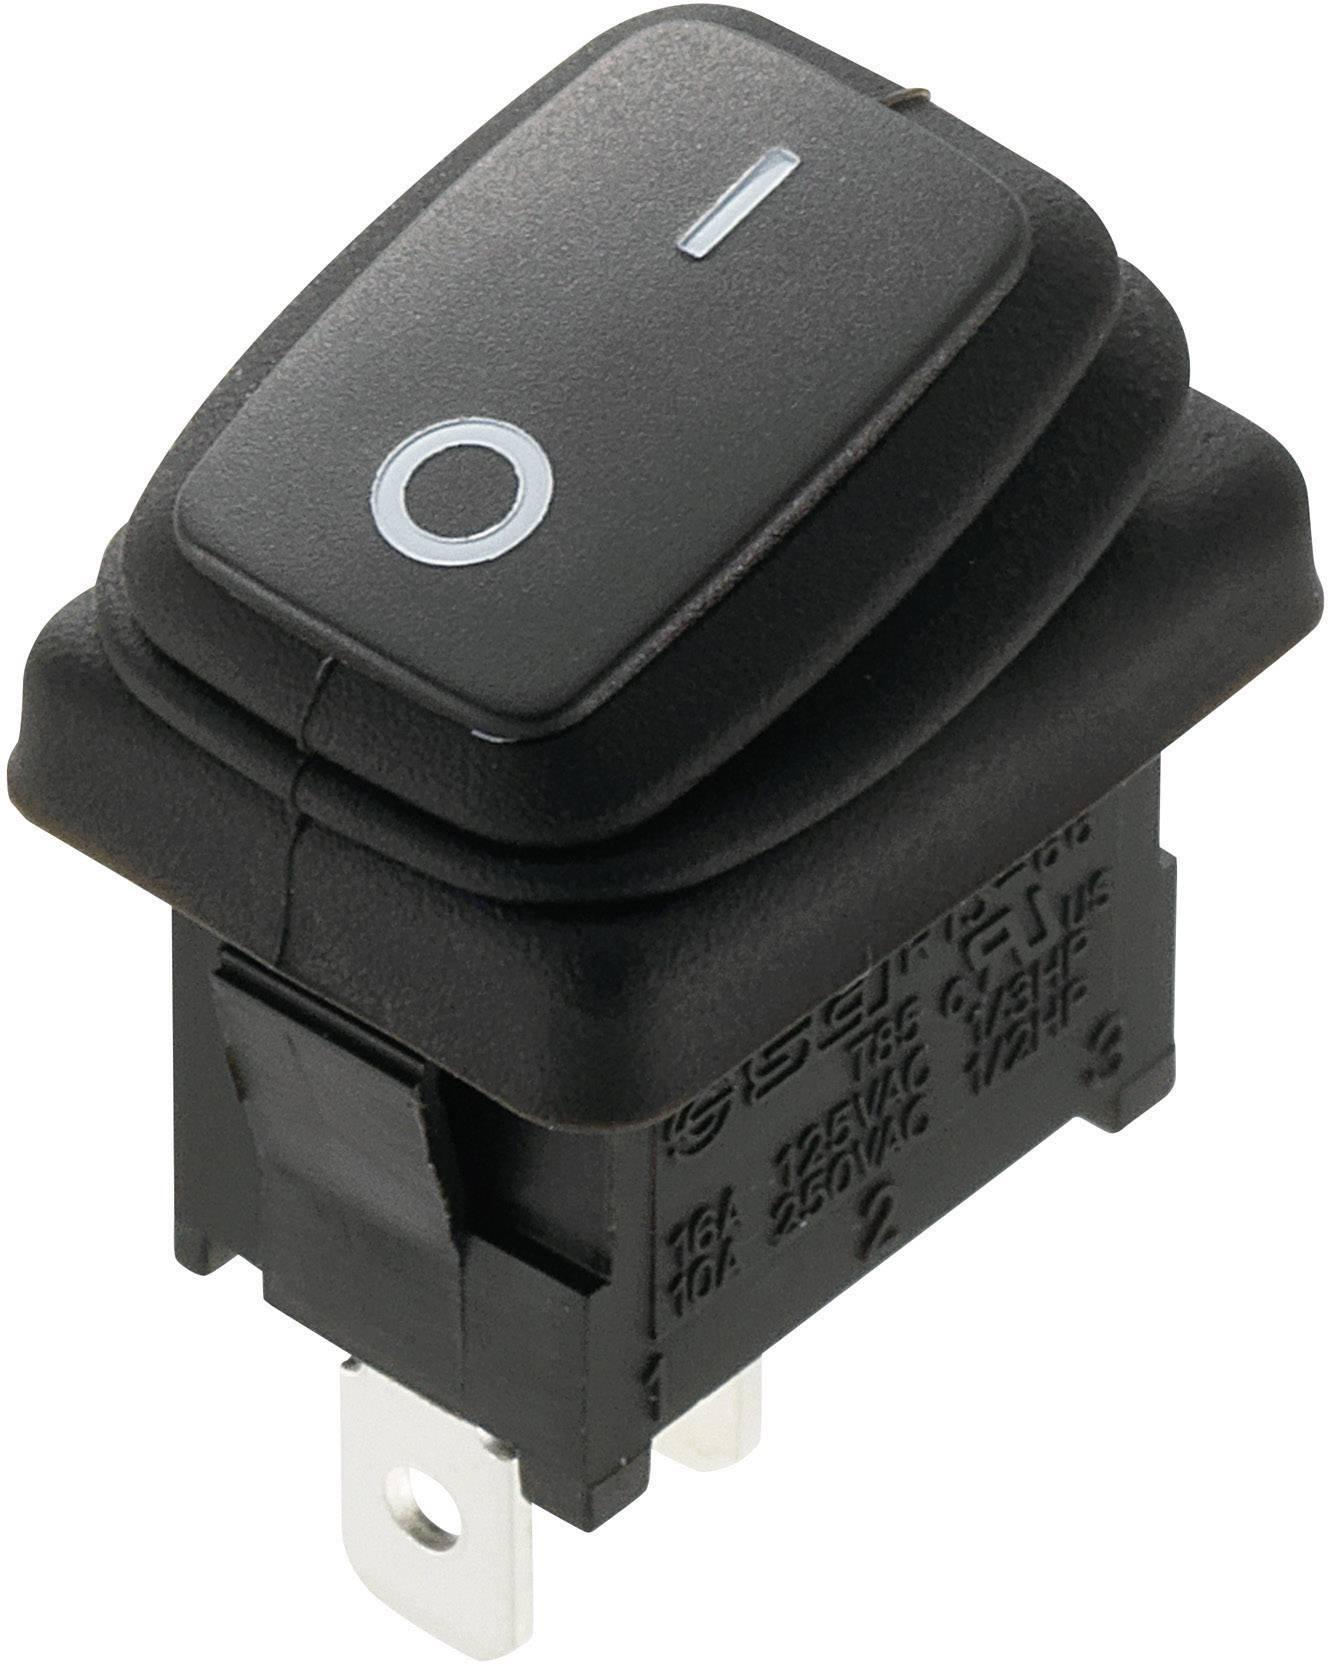 Kolískový spínač s aretáciou SCI R13-66A8-02, 250 V/AC, 10 A, 1x vyp/zap, IP65, 1 ks